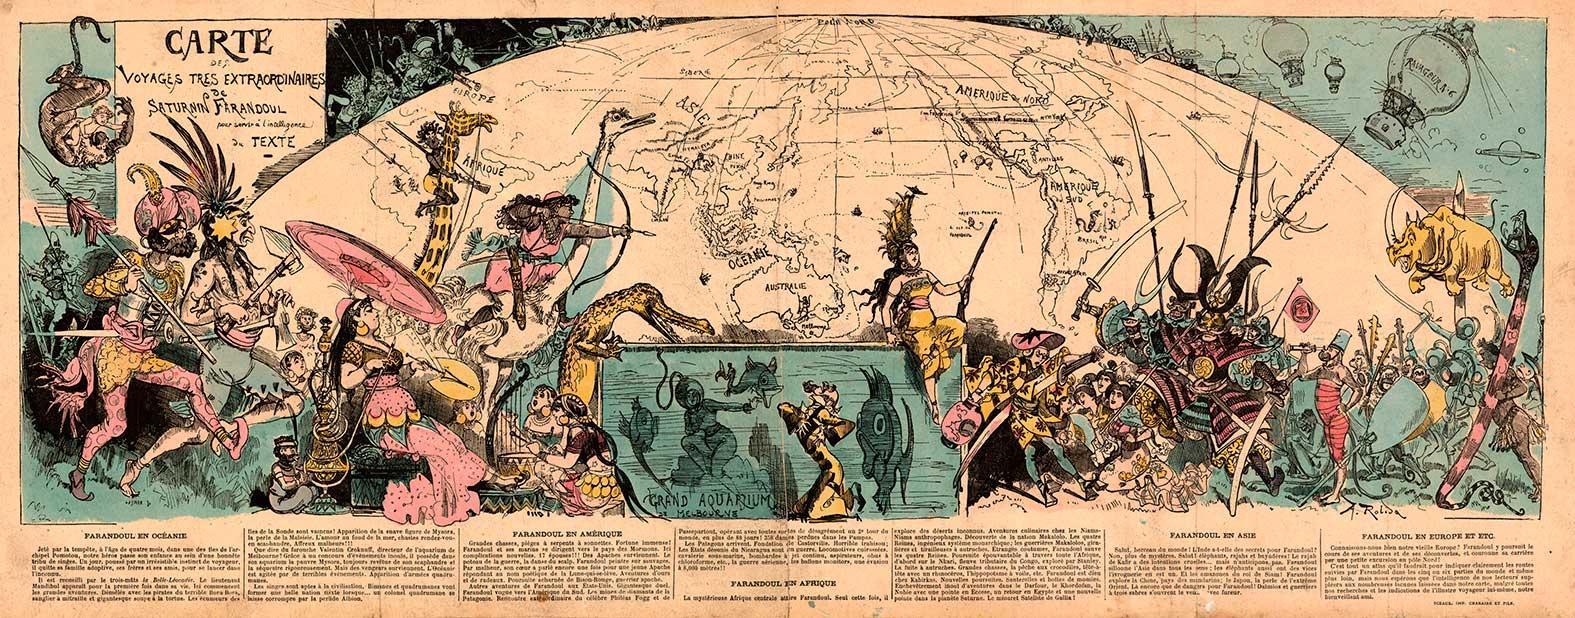 Carte-des-Voyages-très-Extraordinaires-Paris-1879